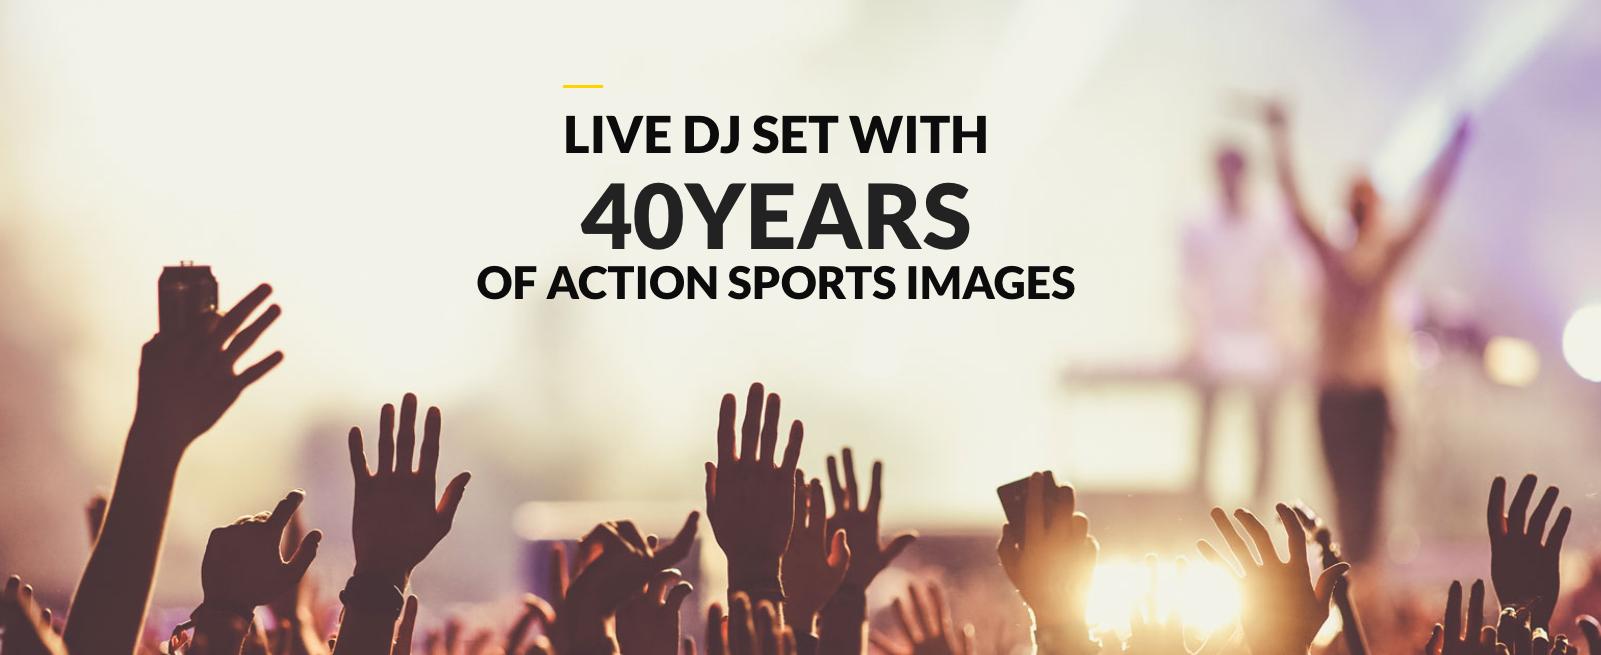 1979-2019 : NDG CINEMA (Nuit de la Glisse) fête ses 40 ans et revient à ses origines, avec un festival !